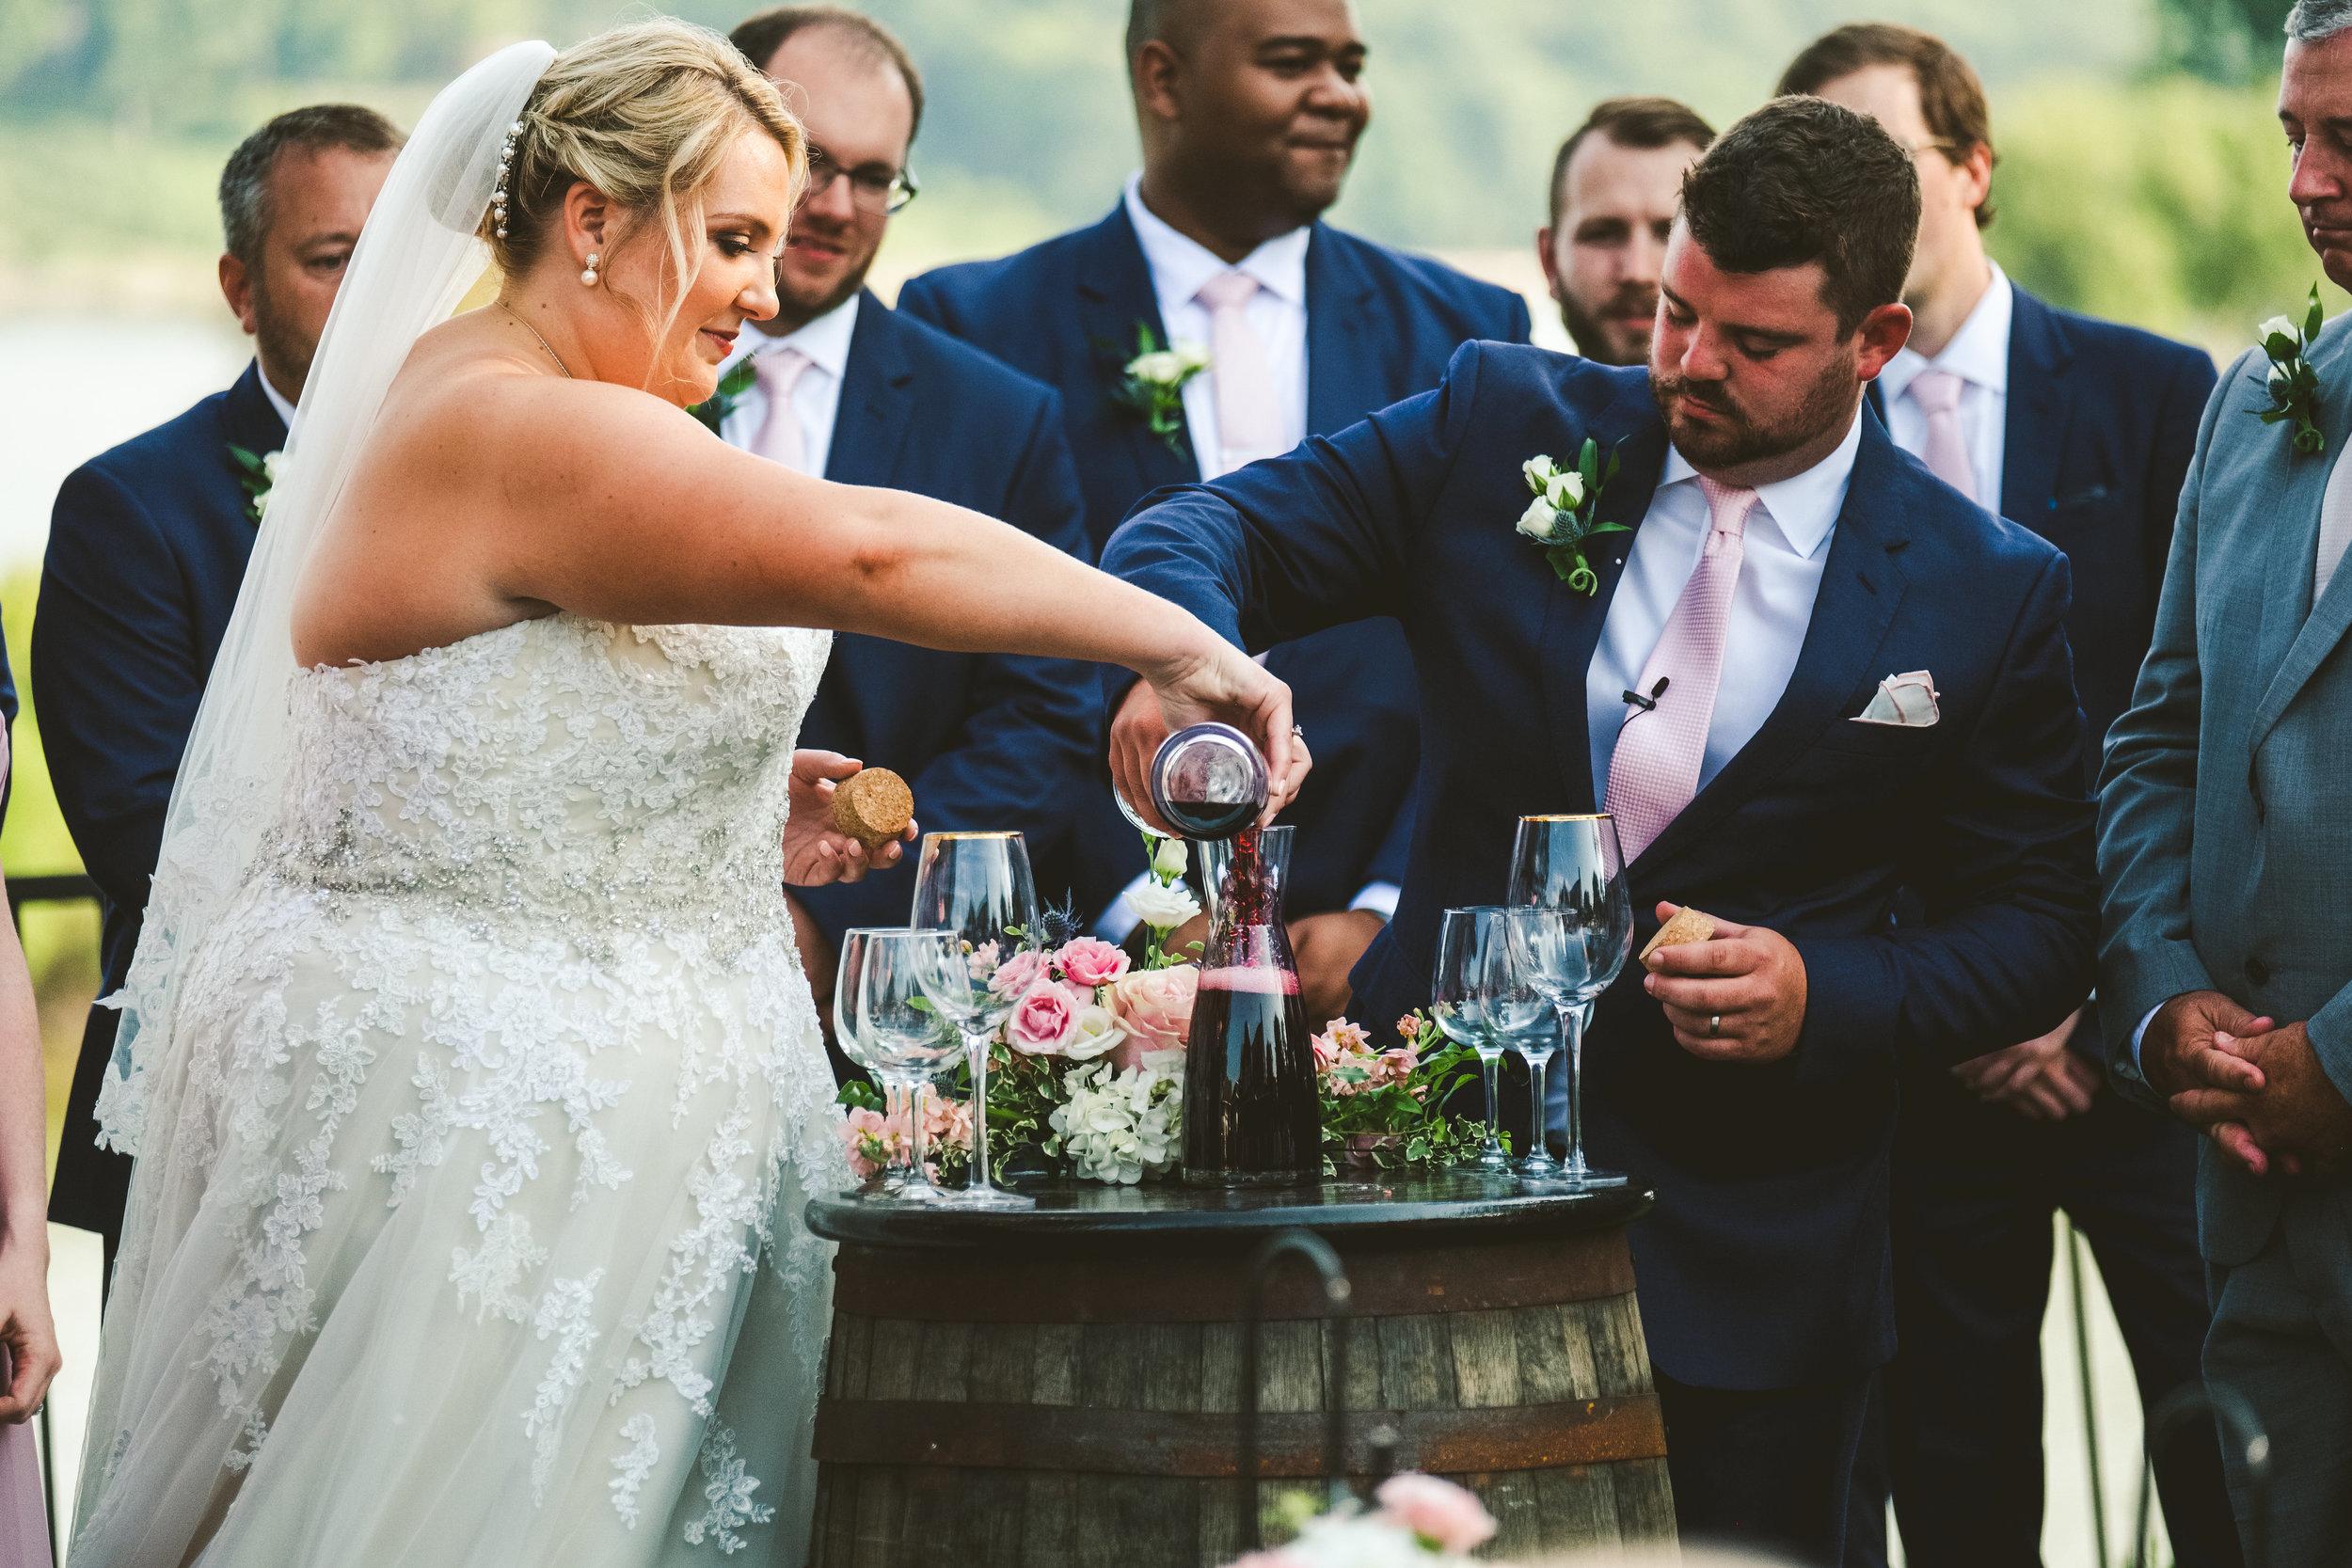 Toledo Ohio Wedding Photographers at the Toledo Country Club for Ceremony